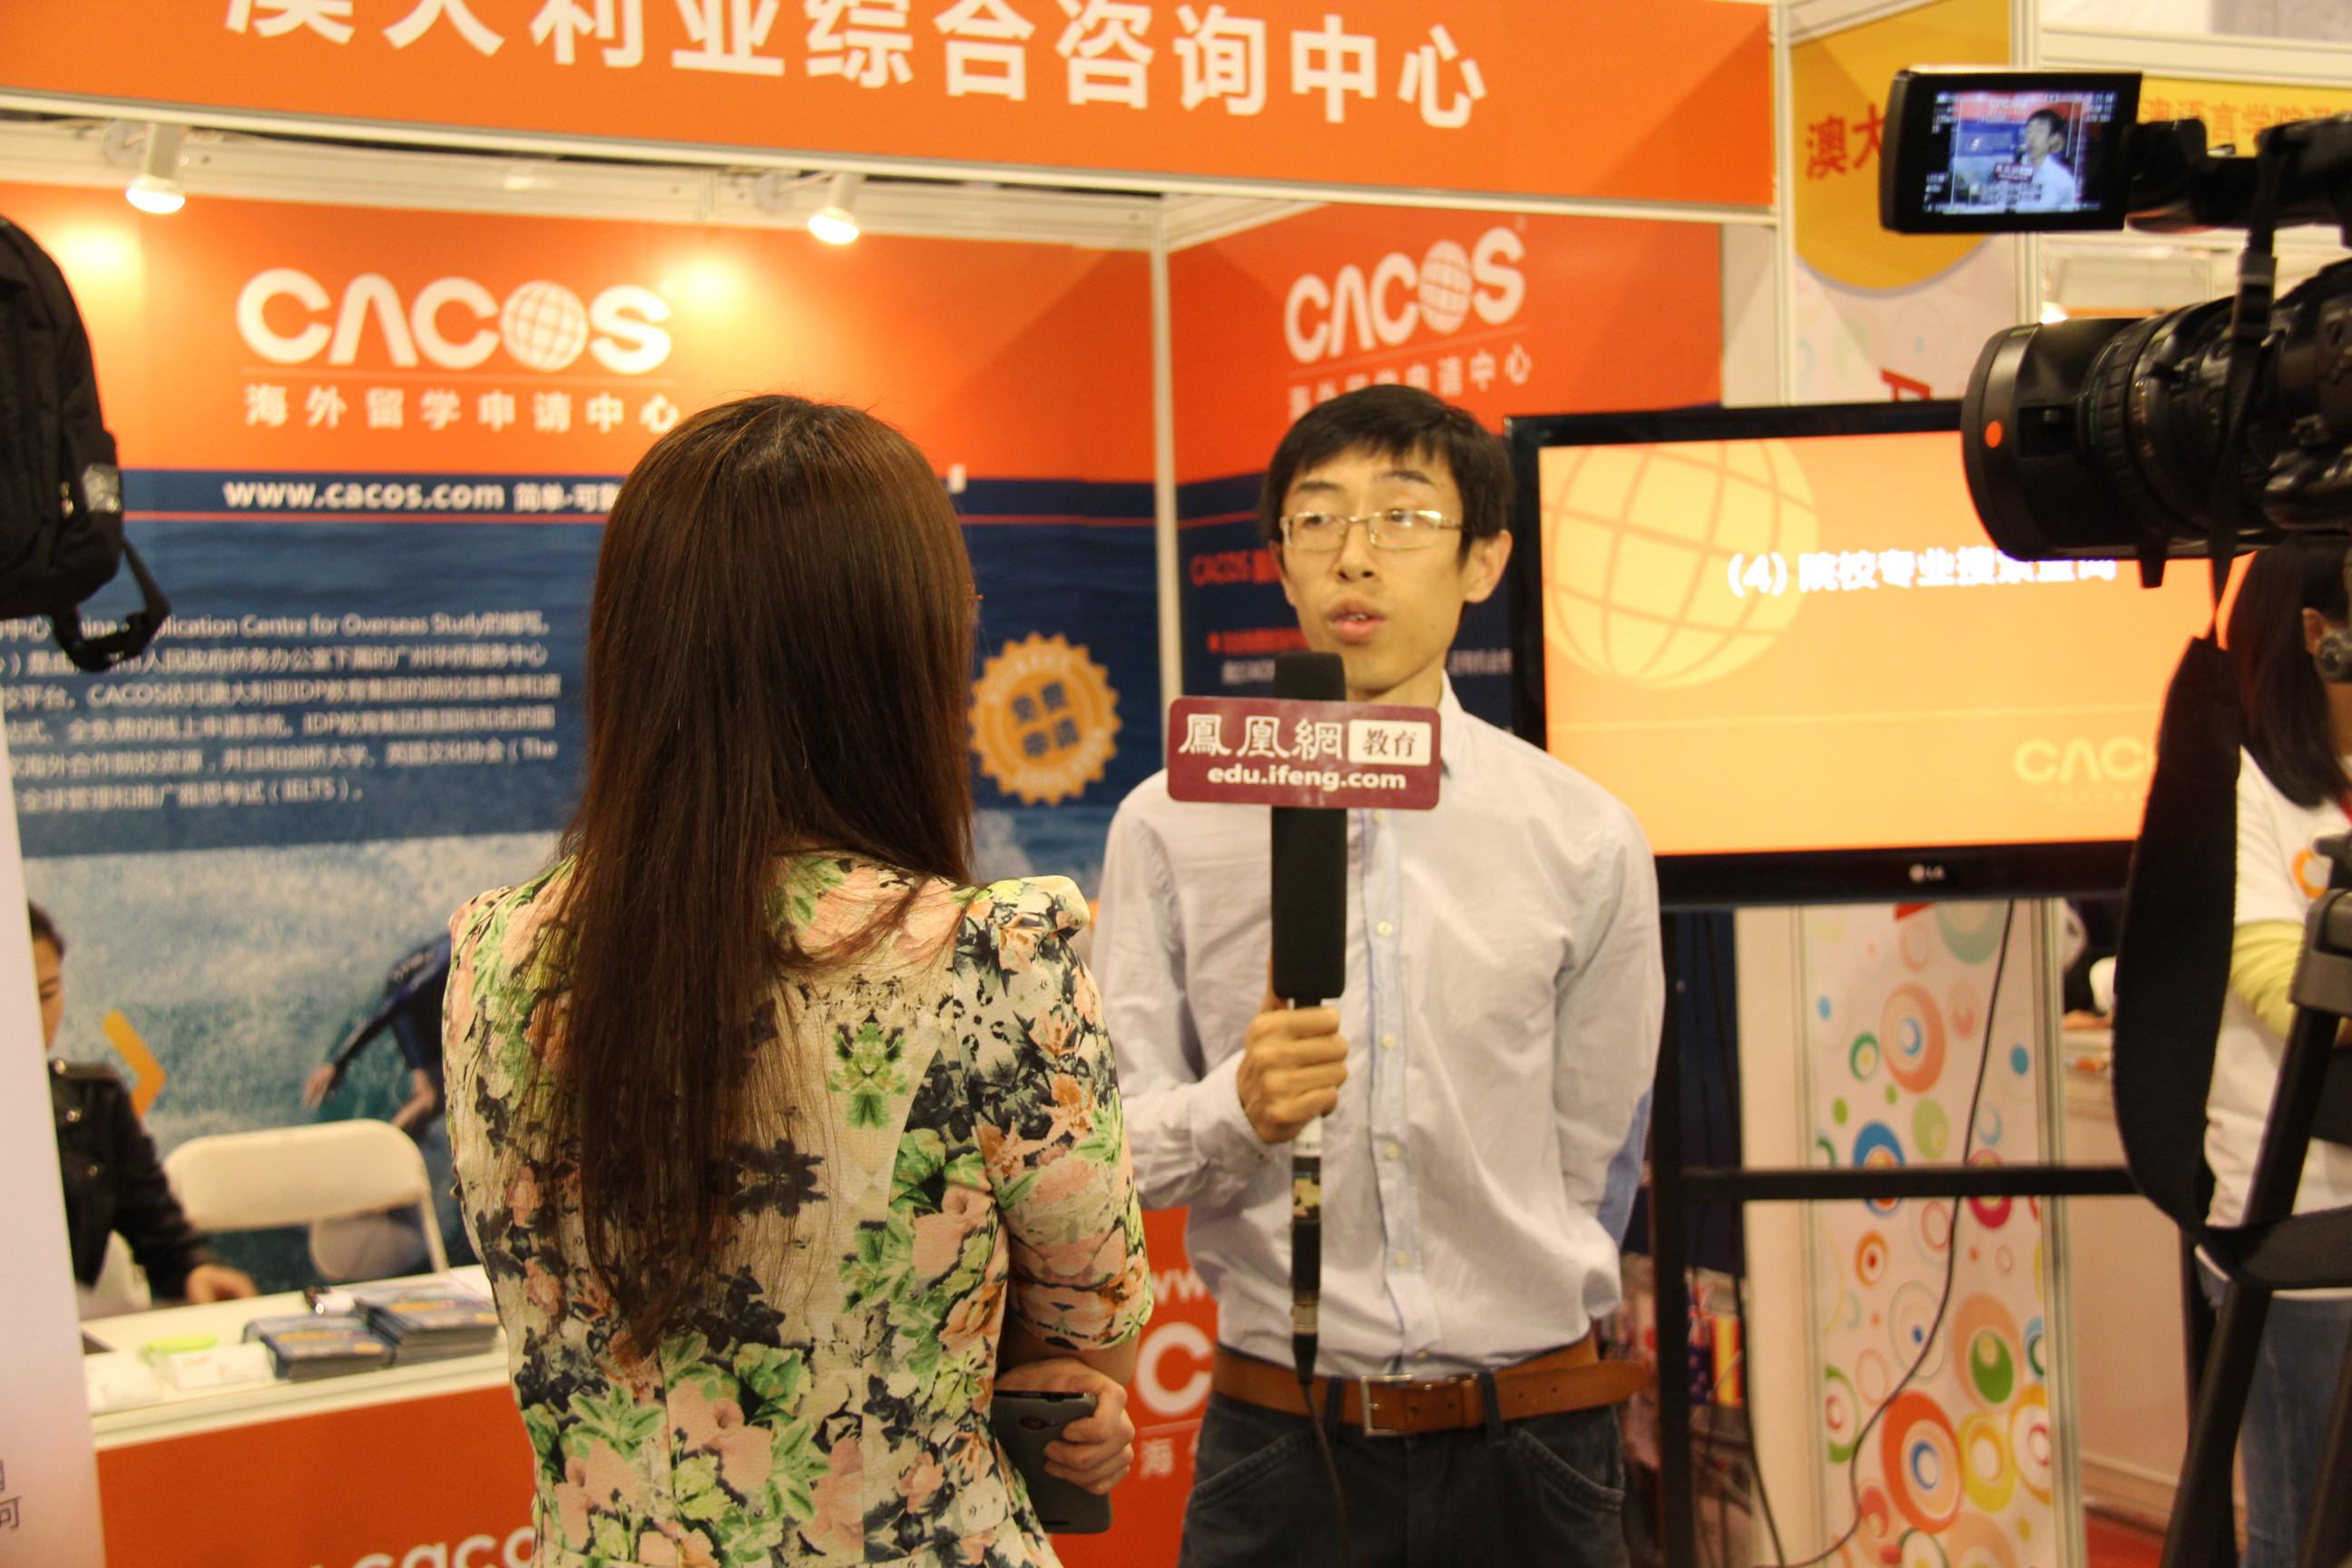 2013中国国际教育展在京开幕 易申网首度亮相受瞩目